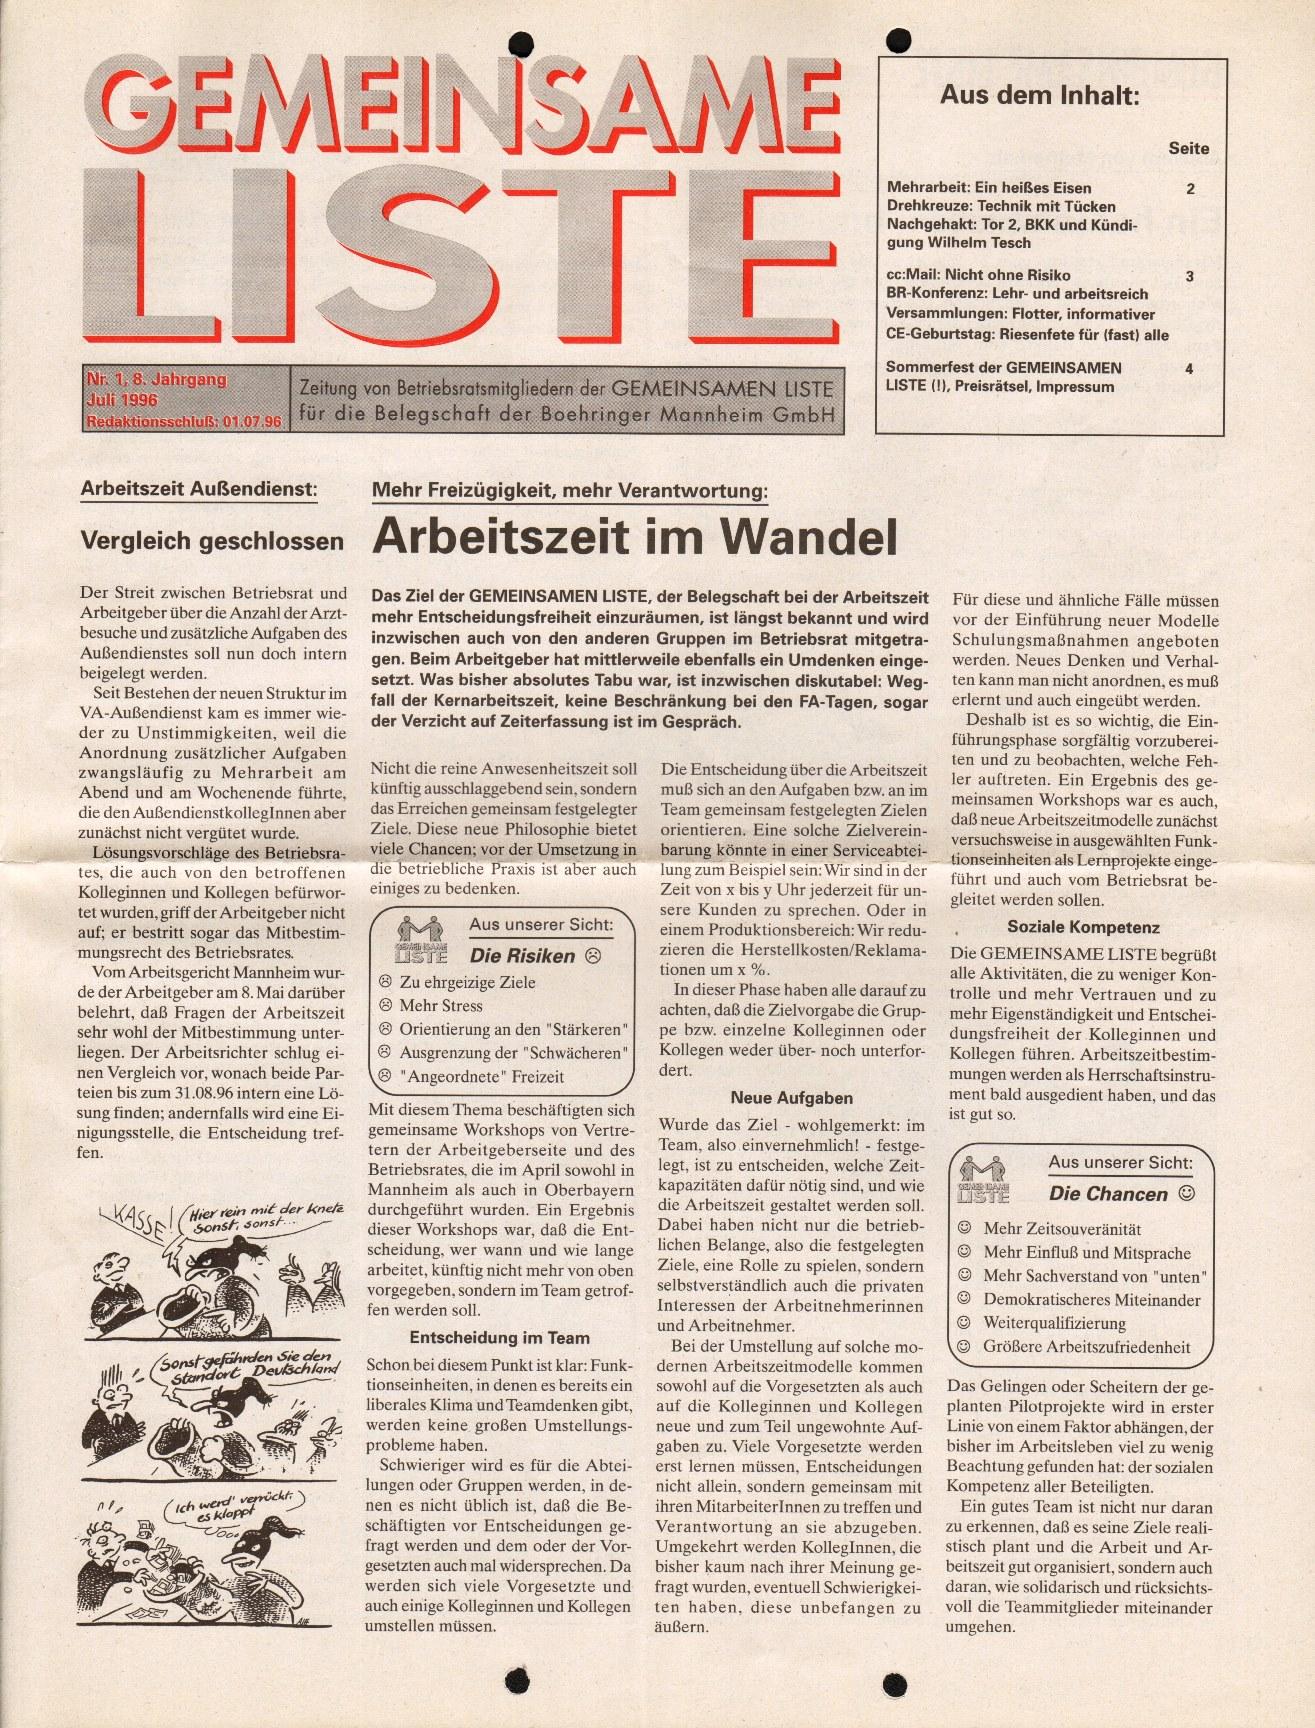 Mannheim_Boehringer_Gemeinsame_Liste_1996_01_01